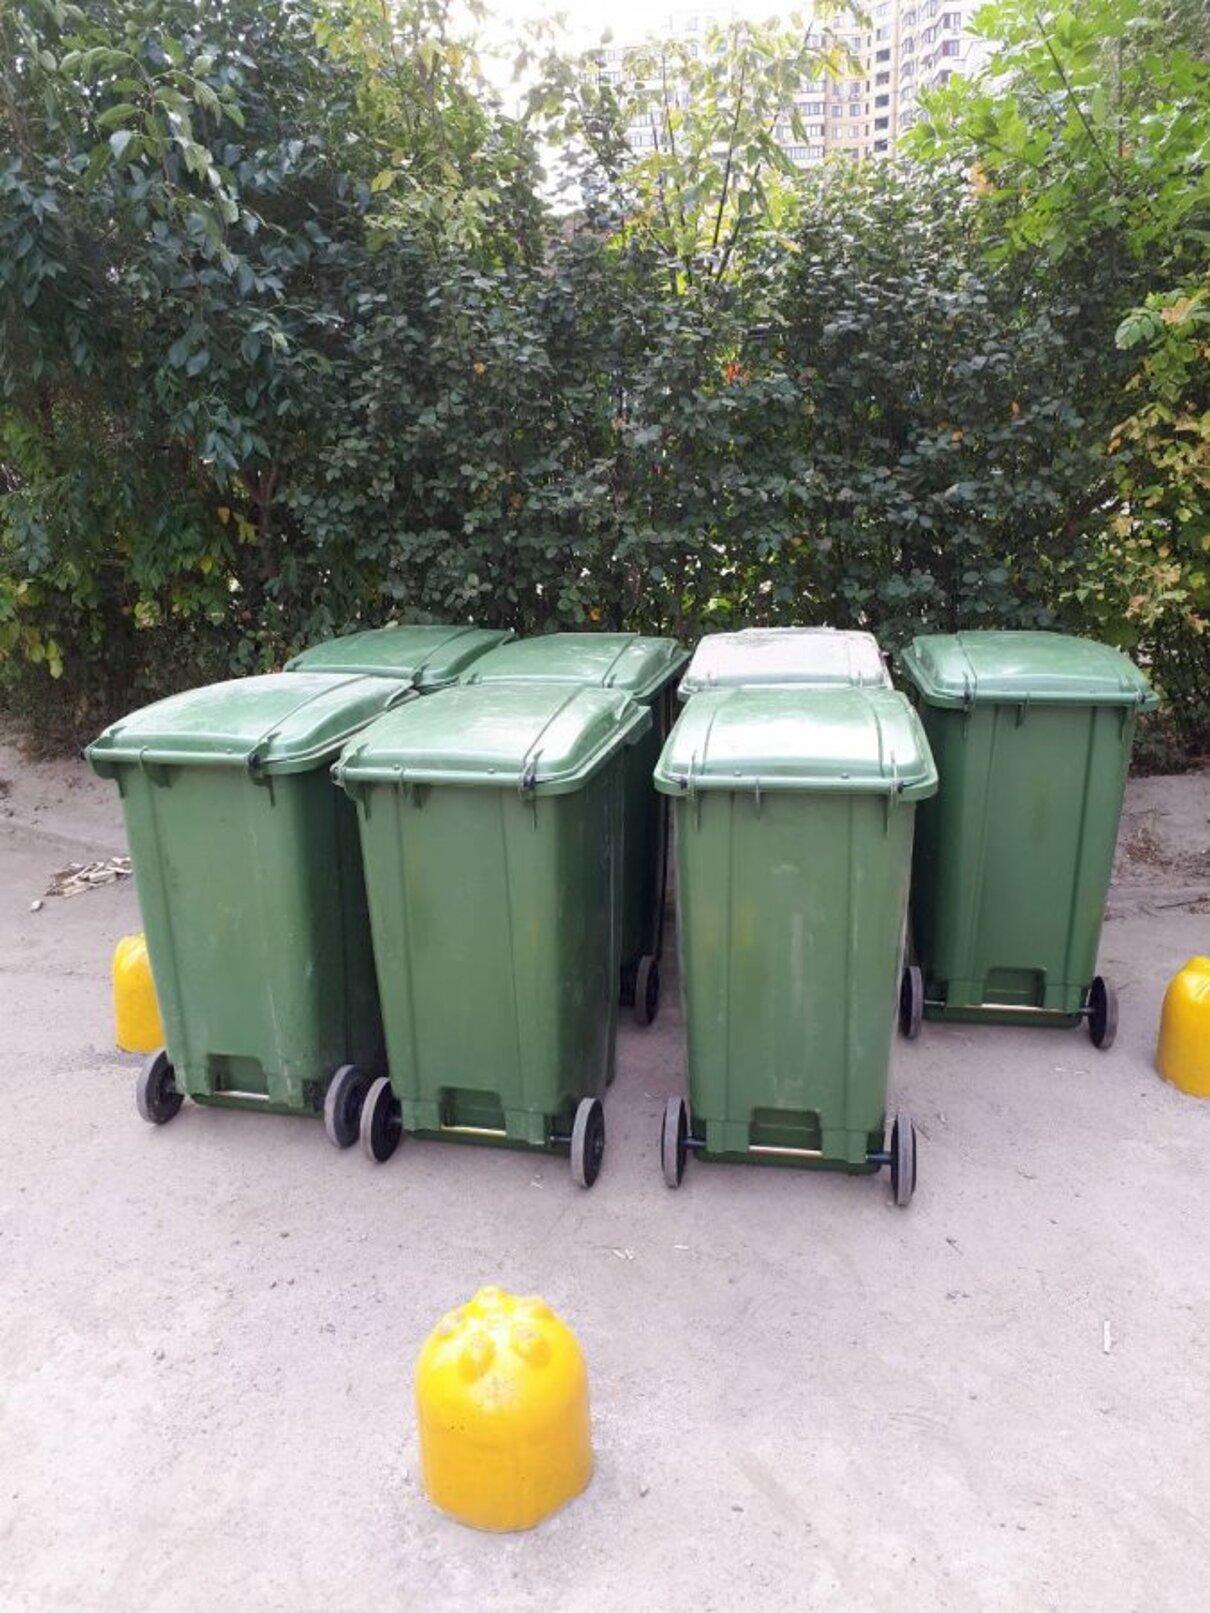 Жалоба-отзыв: УК «Жилкомсервис - Установка мусорных баков на проезжей части возле детской площадки.  Фото №4